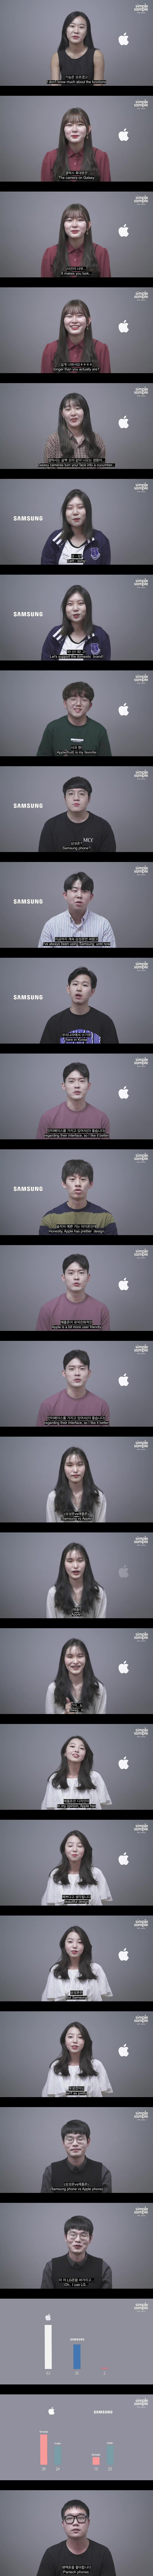 100명에게 삼성폰 vs 애플폰, 무엇을 더 선호하는지 물었습니다 (feat. Sky) _ iPhone vs Galaxy, what's your choice__20190914_024918-vert.jpg 100명에게 물어보았습니다. 삼성폰 VS 애플폰